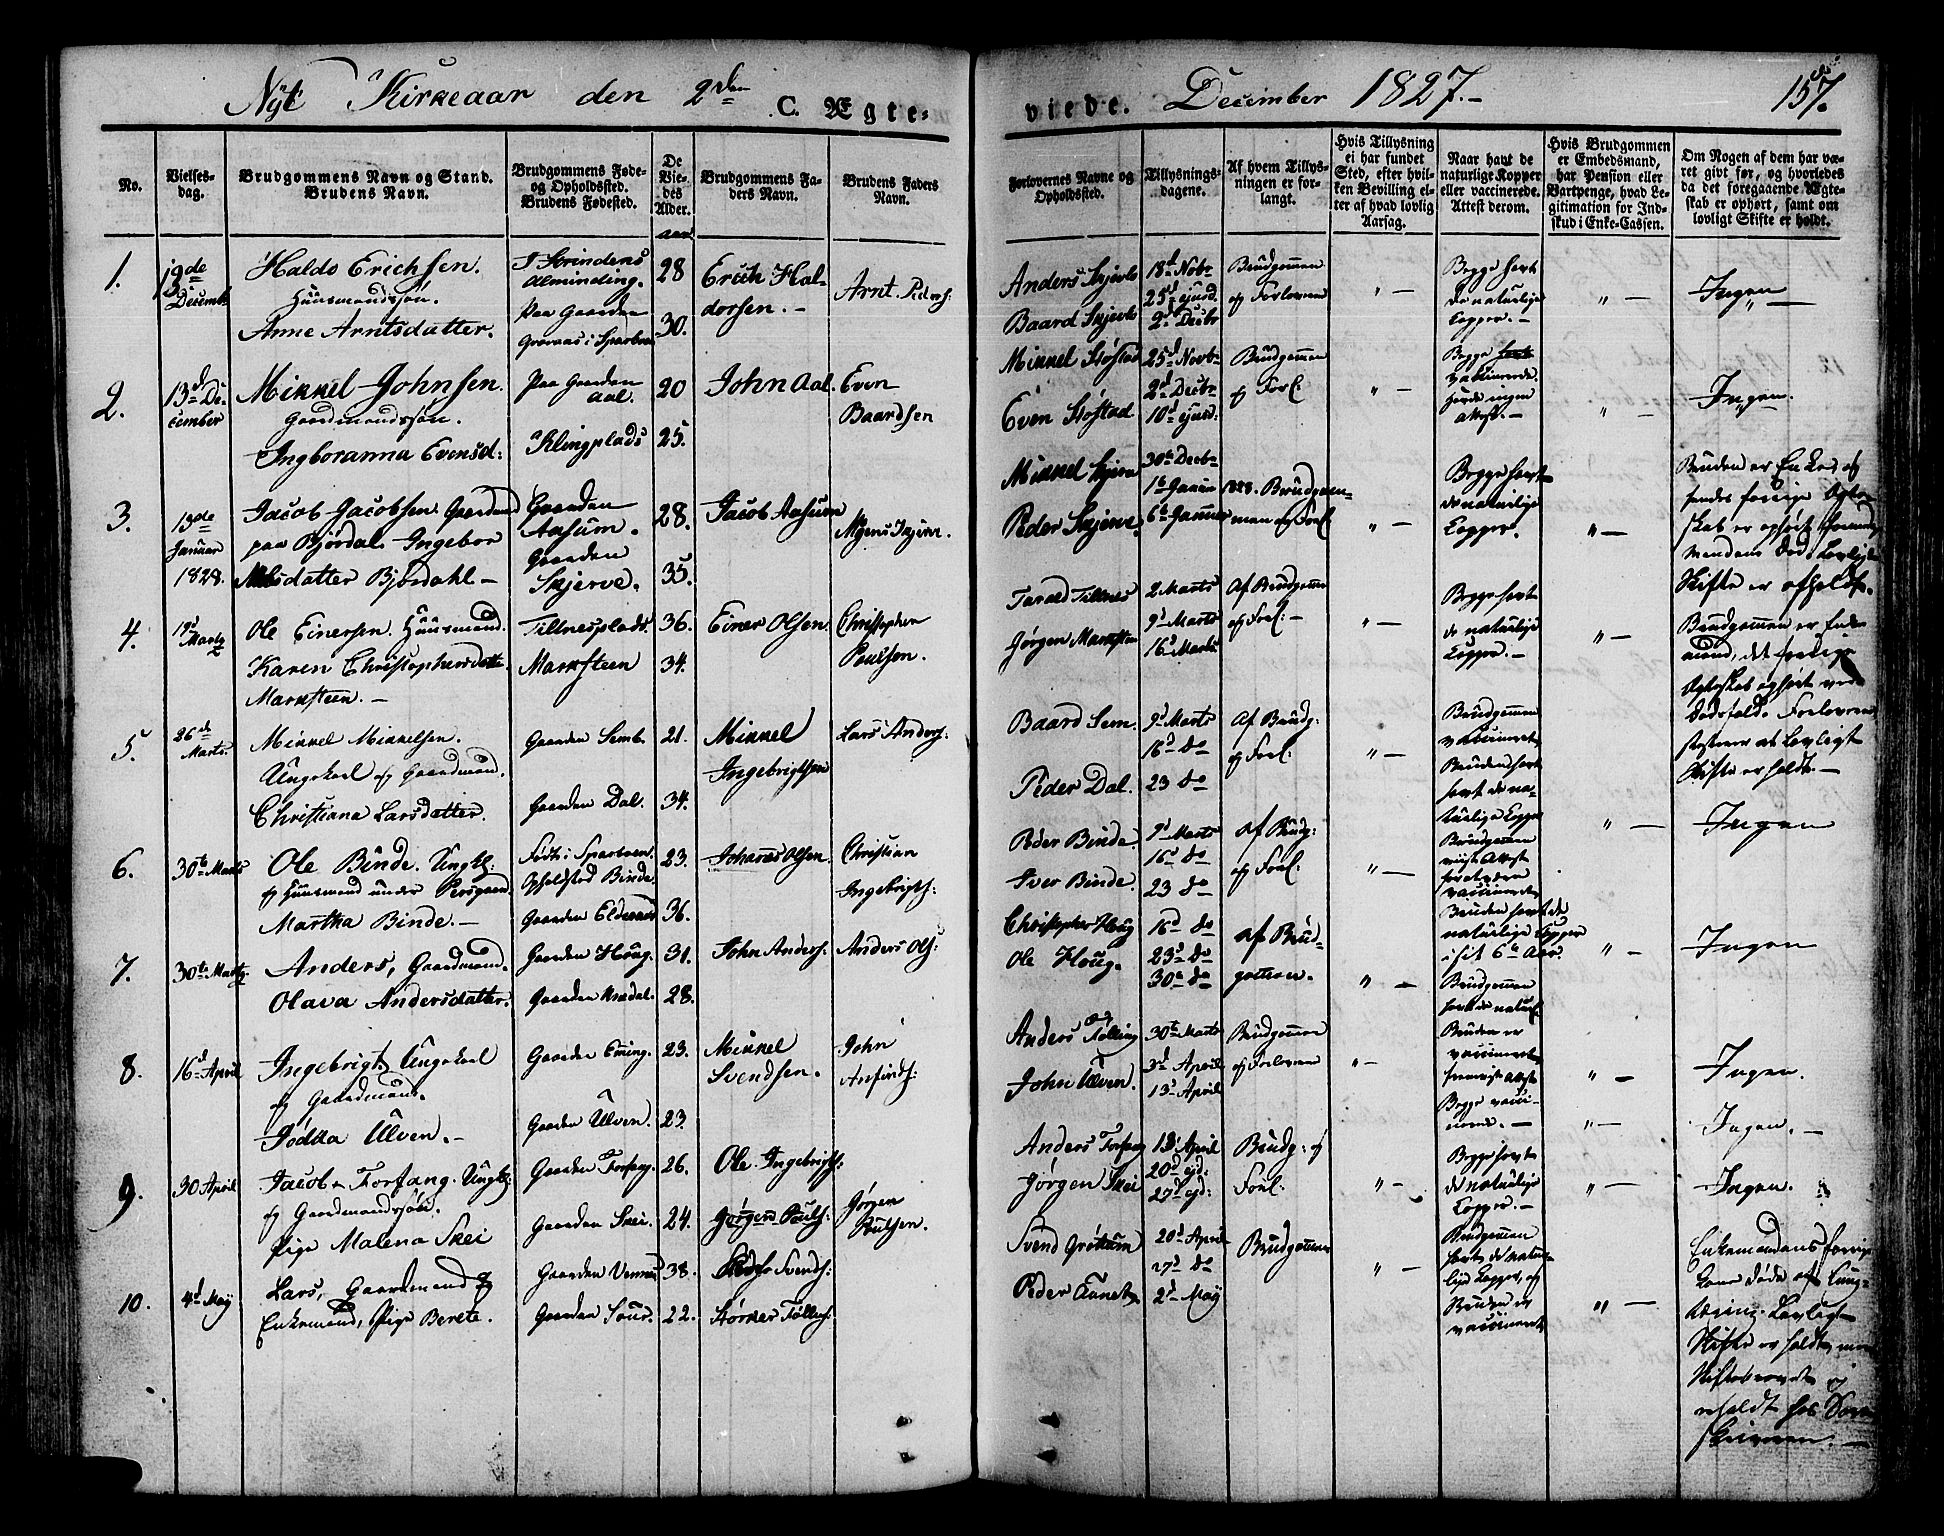 SAT, Ministerialprotokoller, klokkerbøker og fødselsregistre - Nord-Trøndelag, 746/L0445: Ministerialbok nr. 746A04, 1826-1846, s. 157